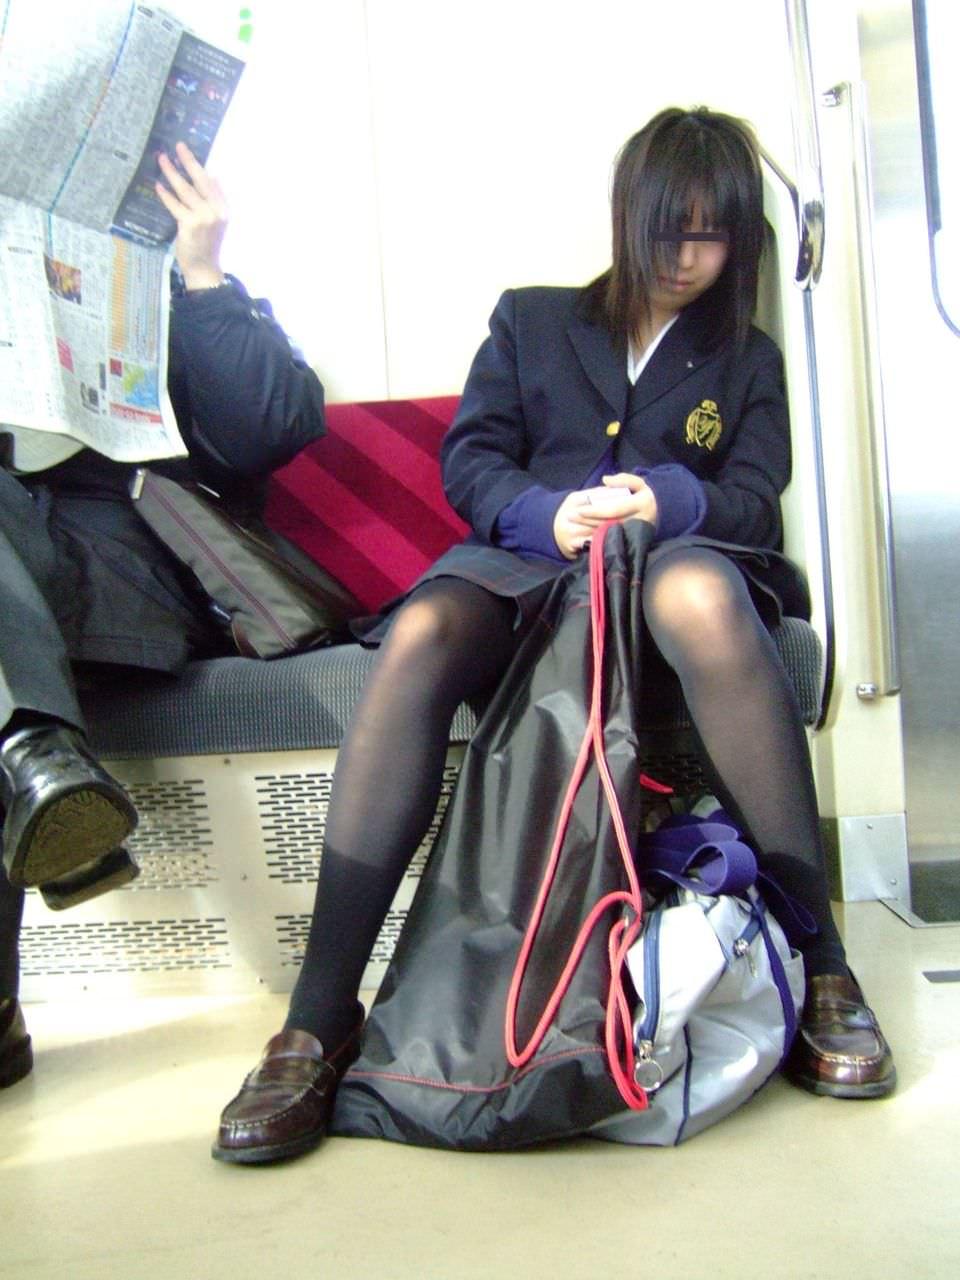 女子高生の街撮り黒パンスト!!寒い季節も楽しませてくれるJKストッキングwwwwww 06 1